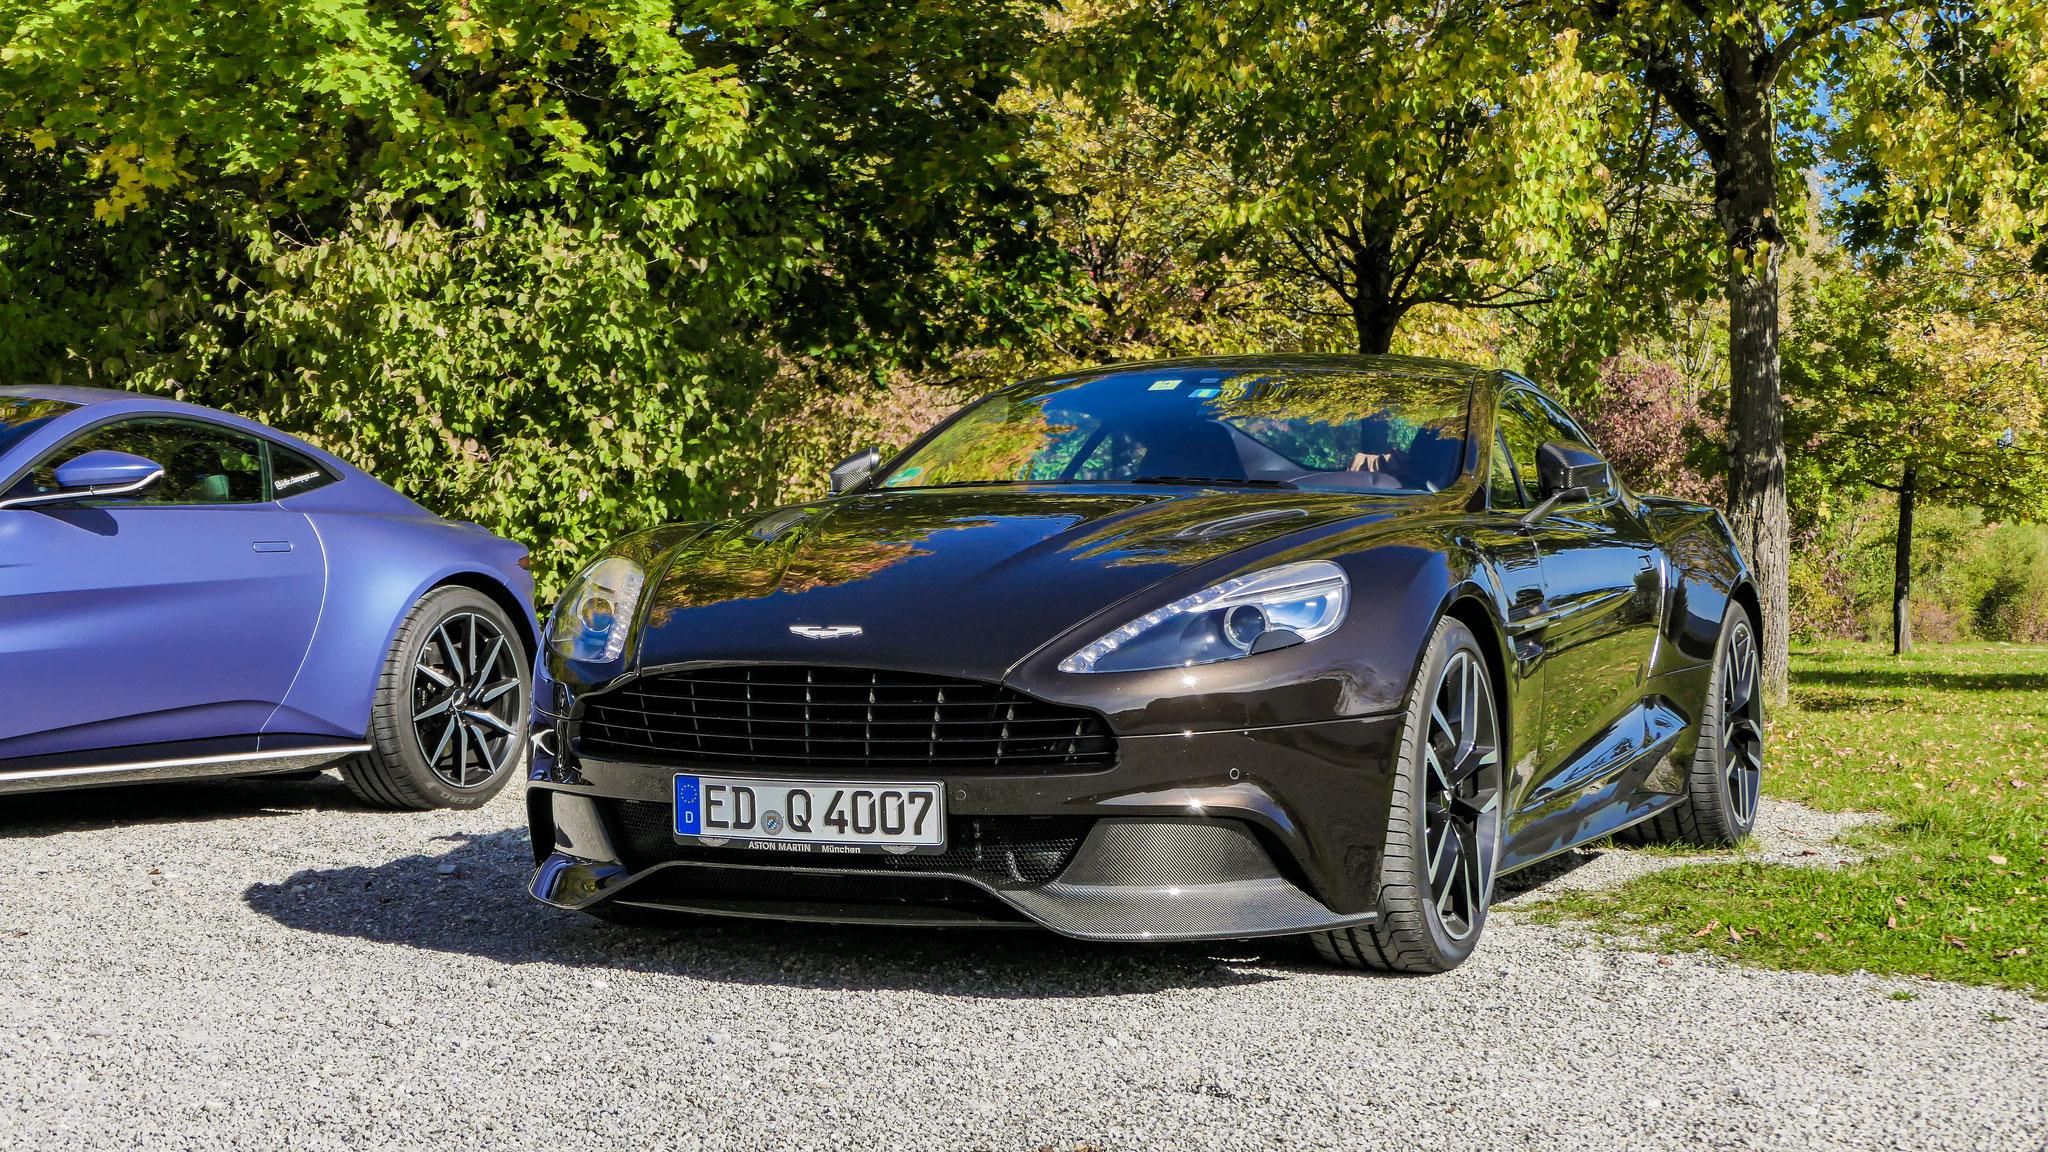 Aston Martin Vanquish - ED-Q-4007